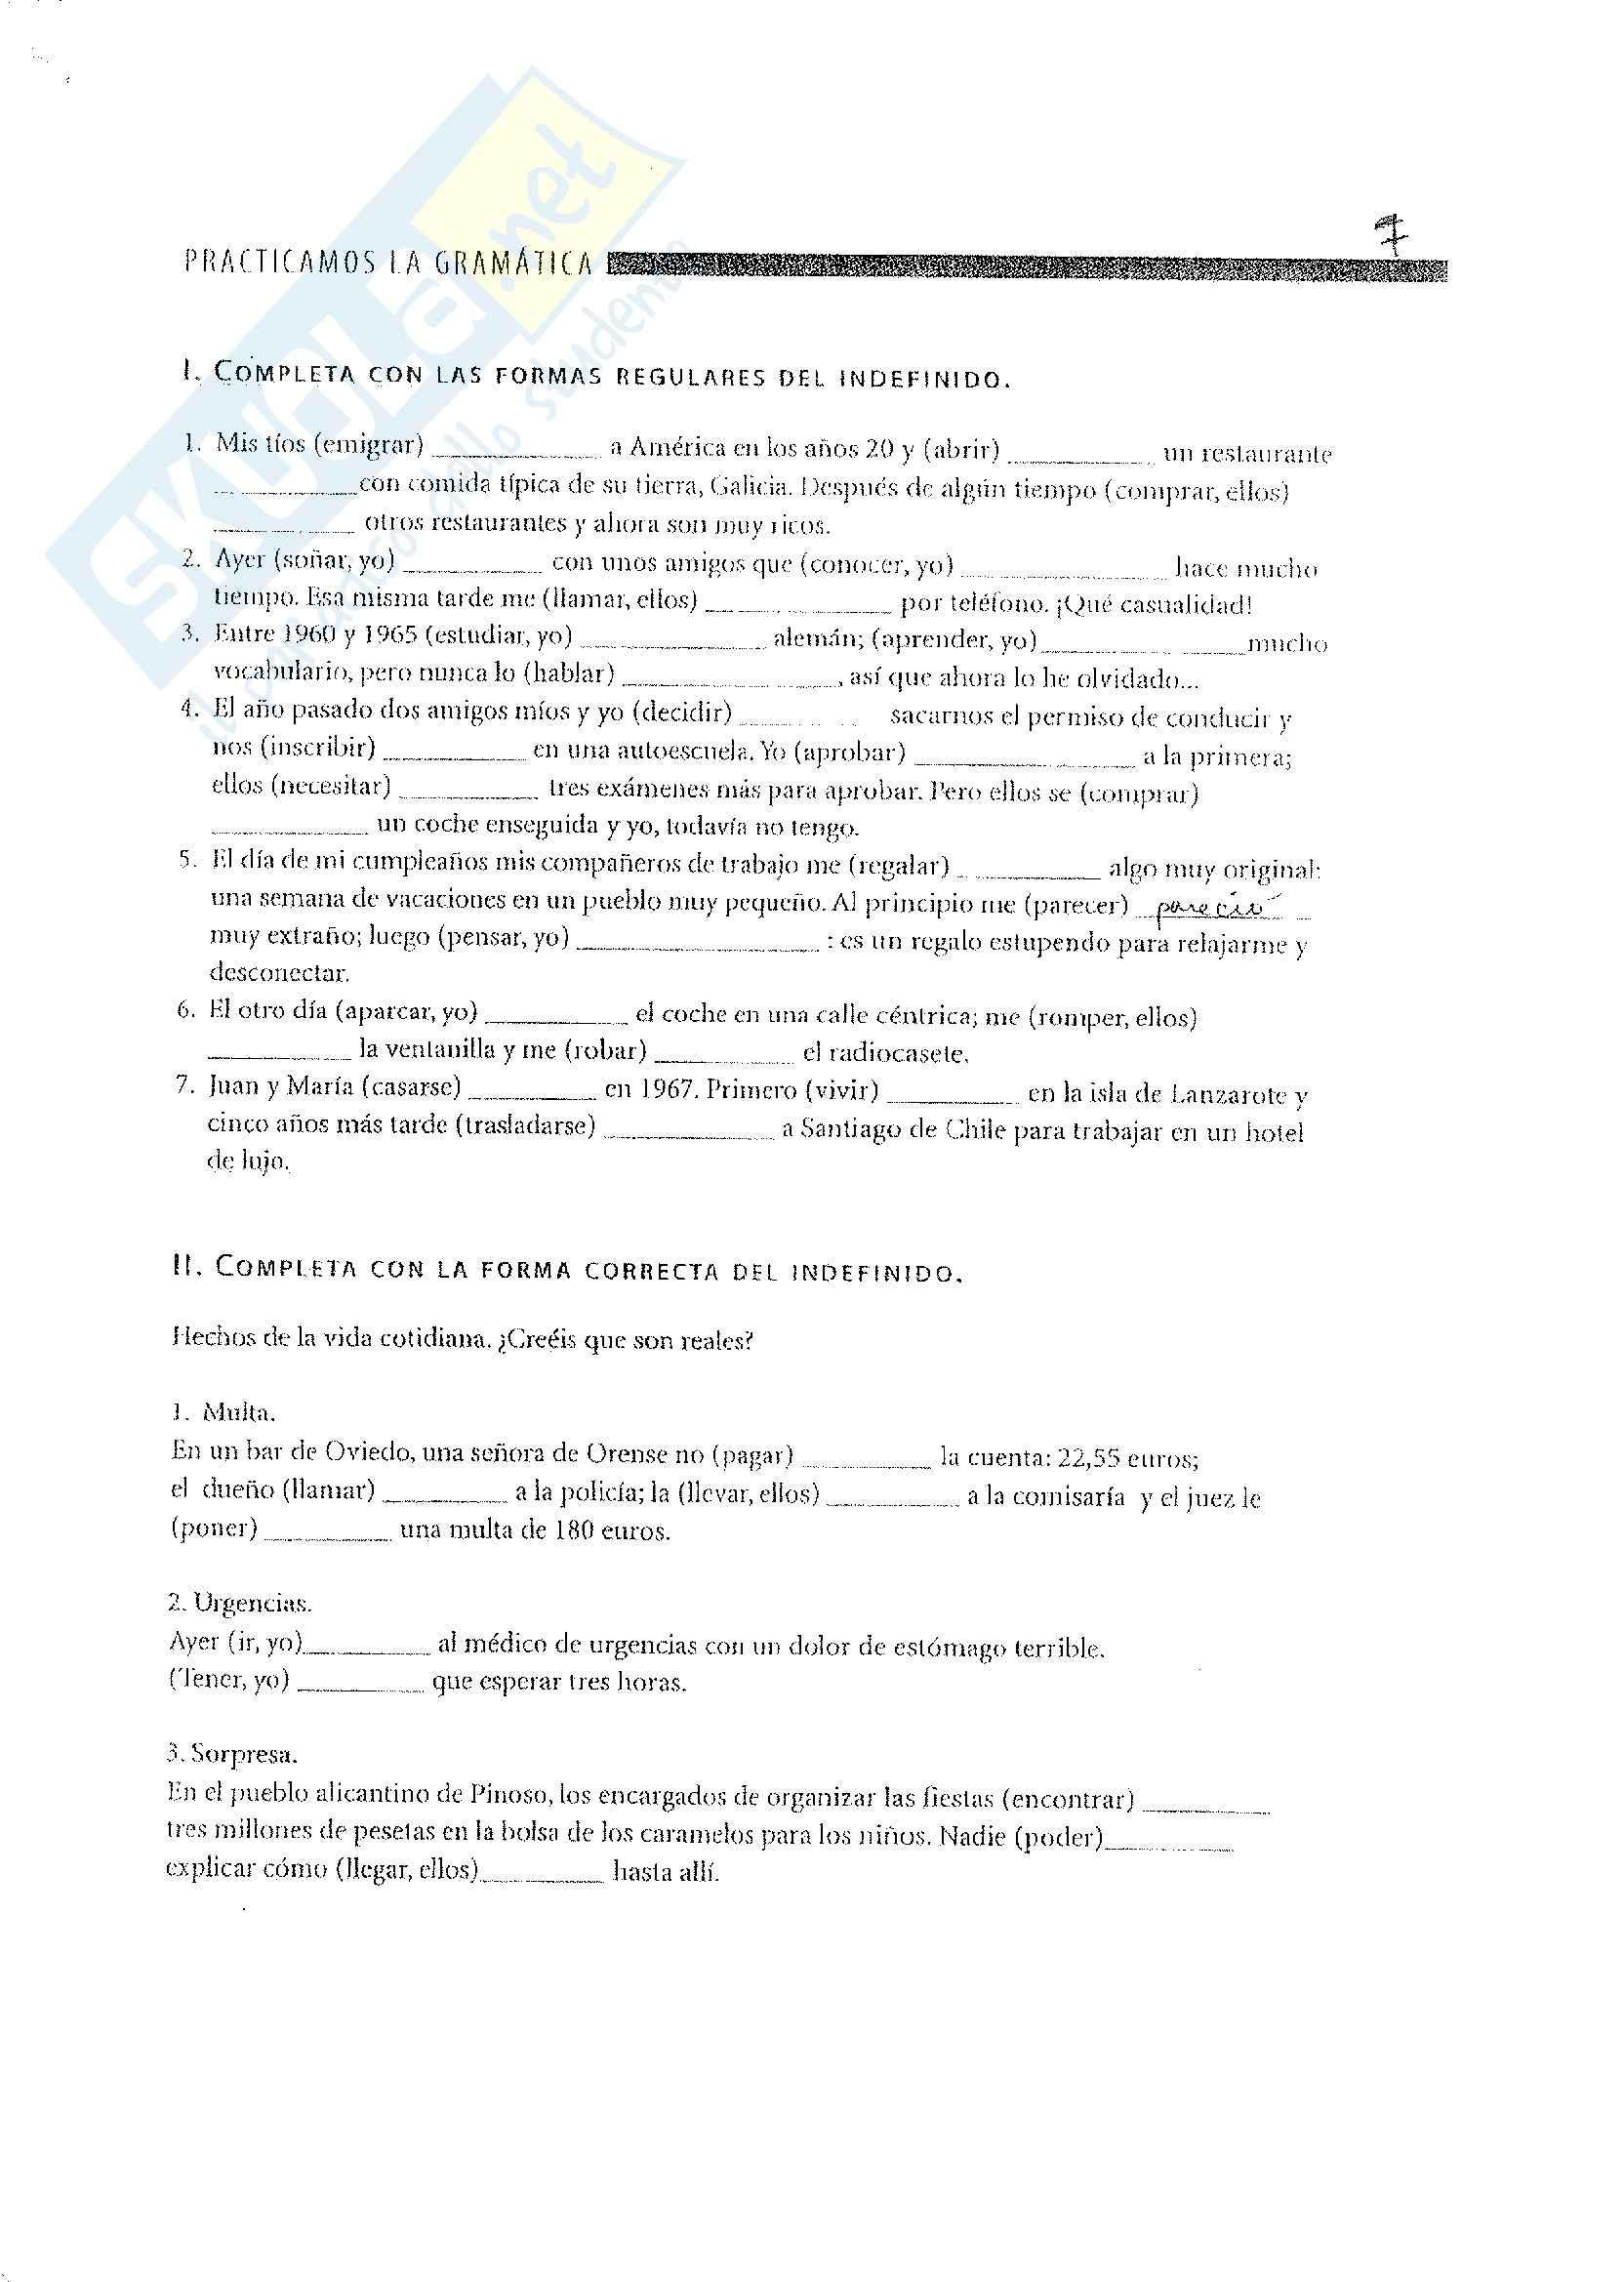 Spagnolo - esercizi e grammatica Pag. 41